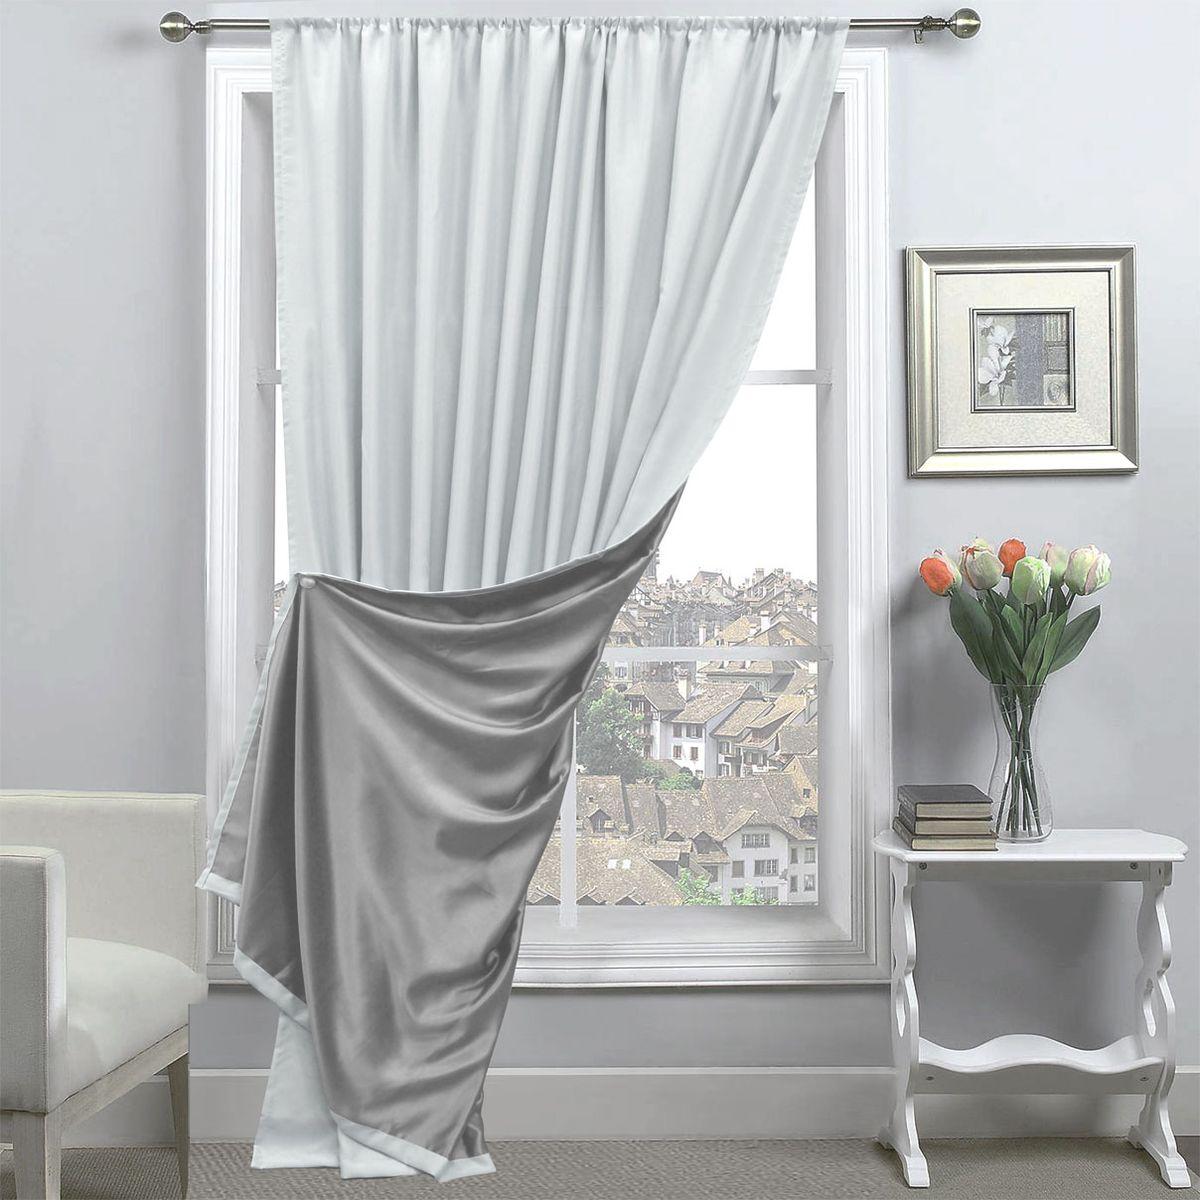 Портьера Amore Mio, 200 х 270 см, 1 шт., цвет: серый. 8517285172